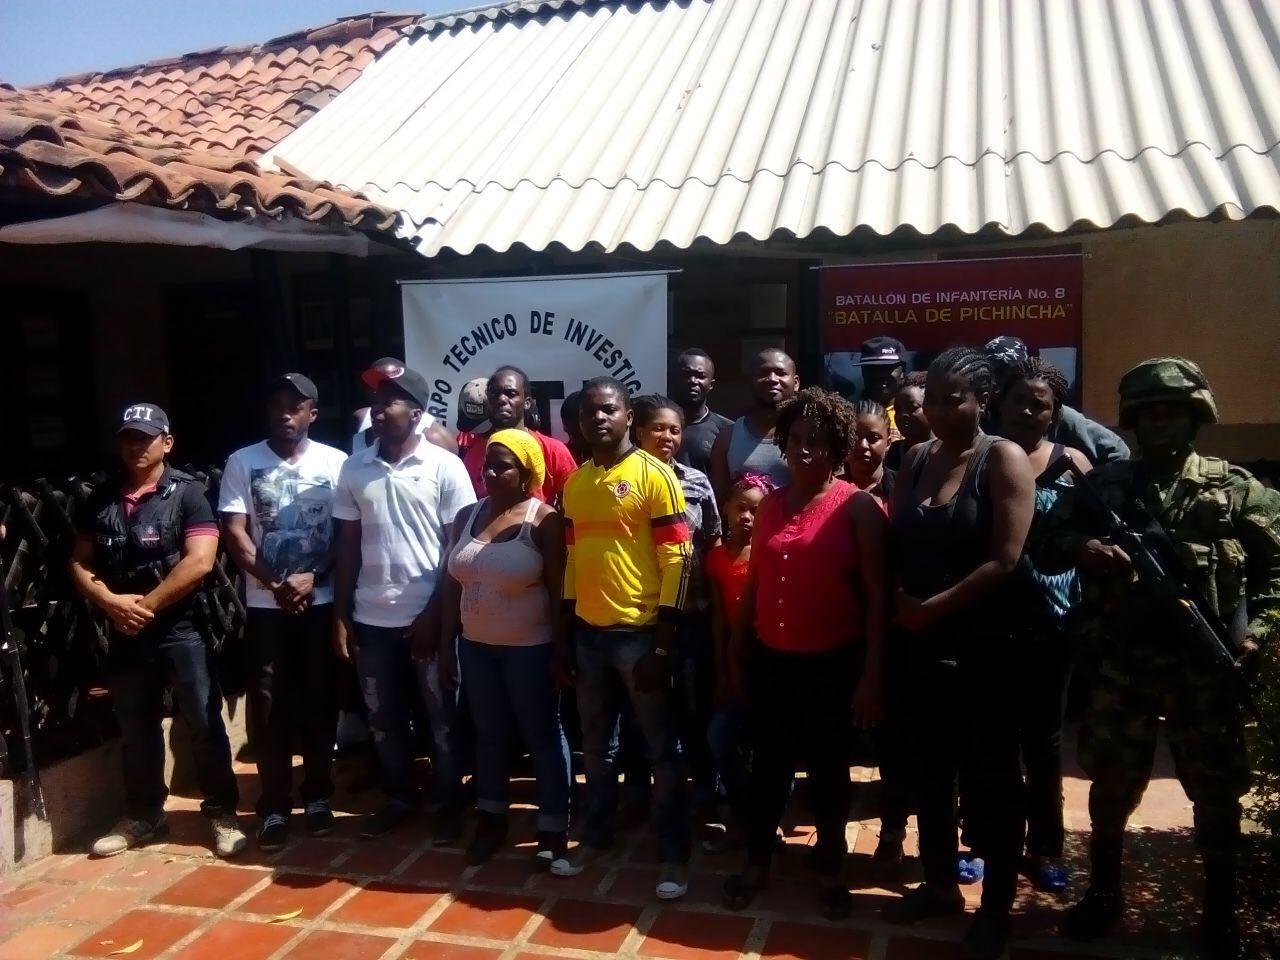 23 Haitianos deportados y un capturado por tráfico de migrantes